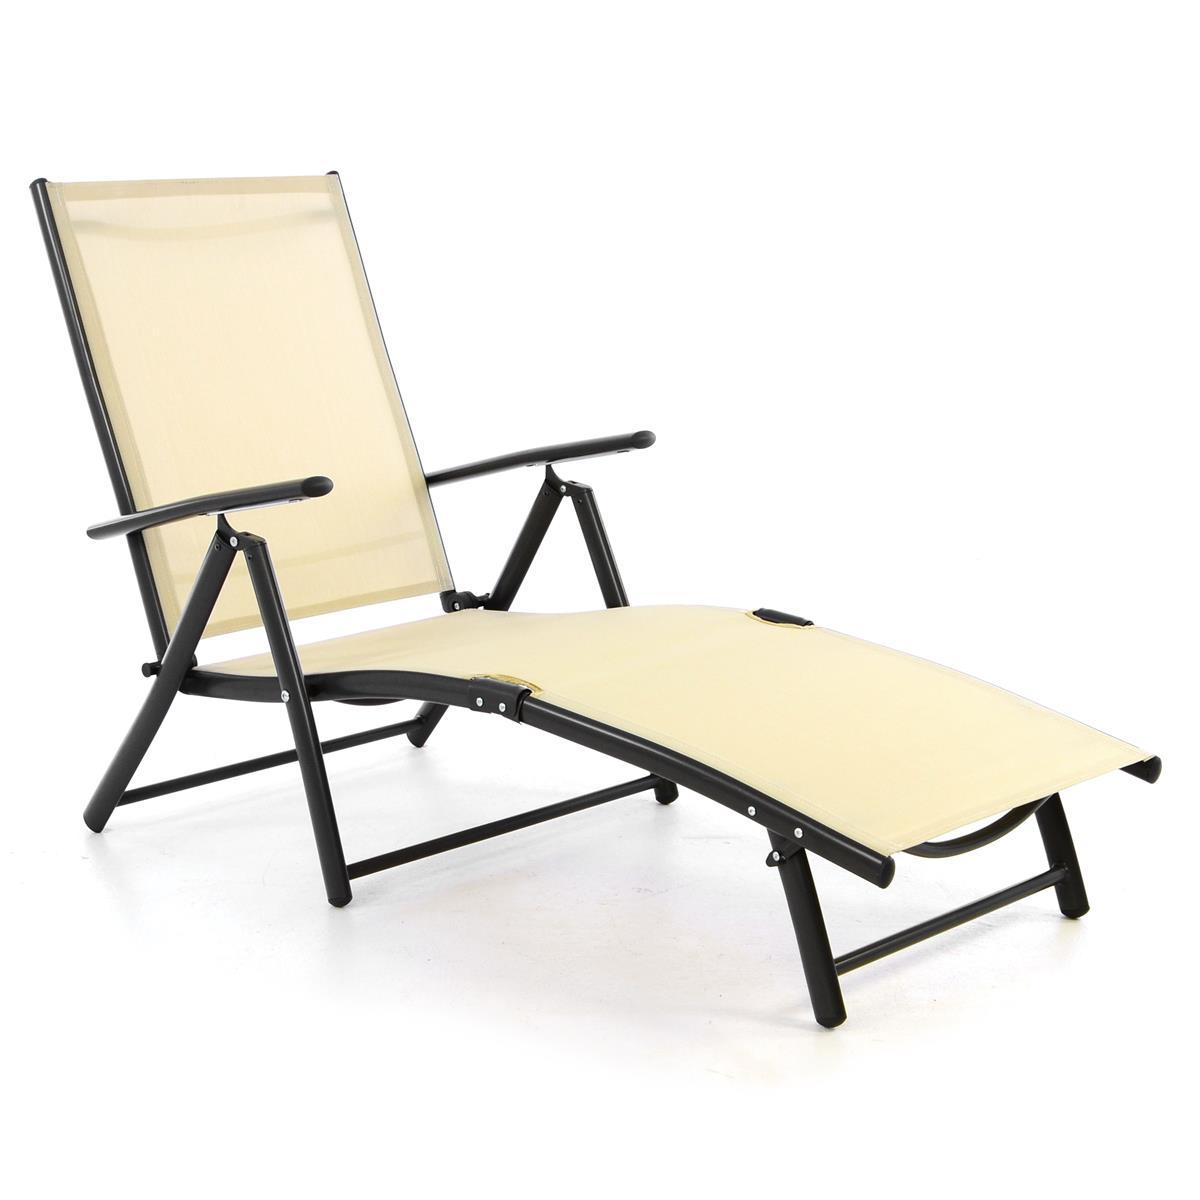 Gartenliege Sonnenliege Klappliege Strandliege Textilene creme Rahmen anthrazit